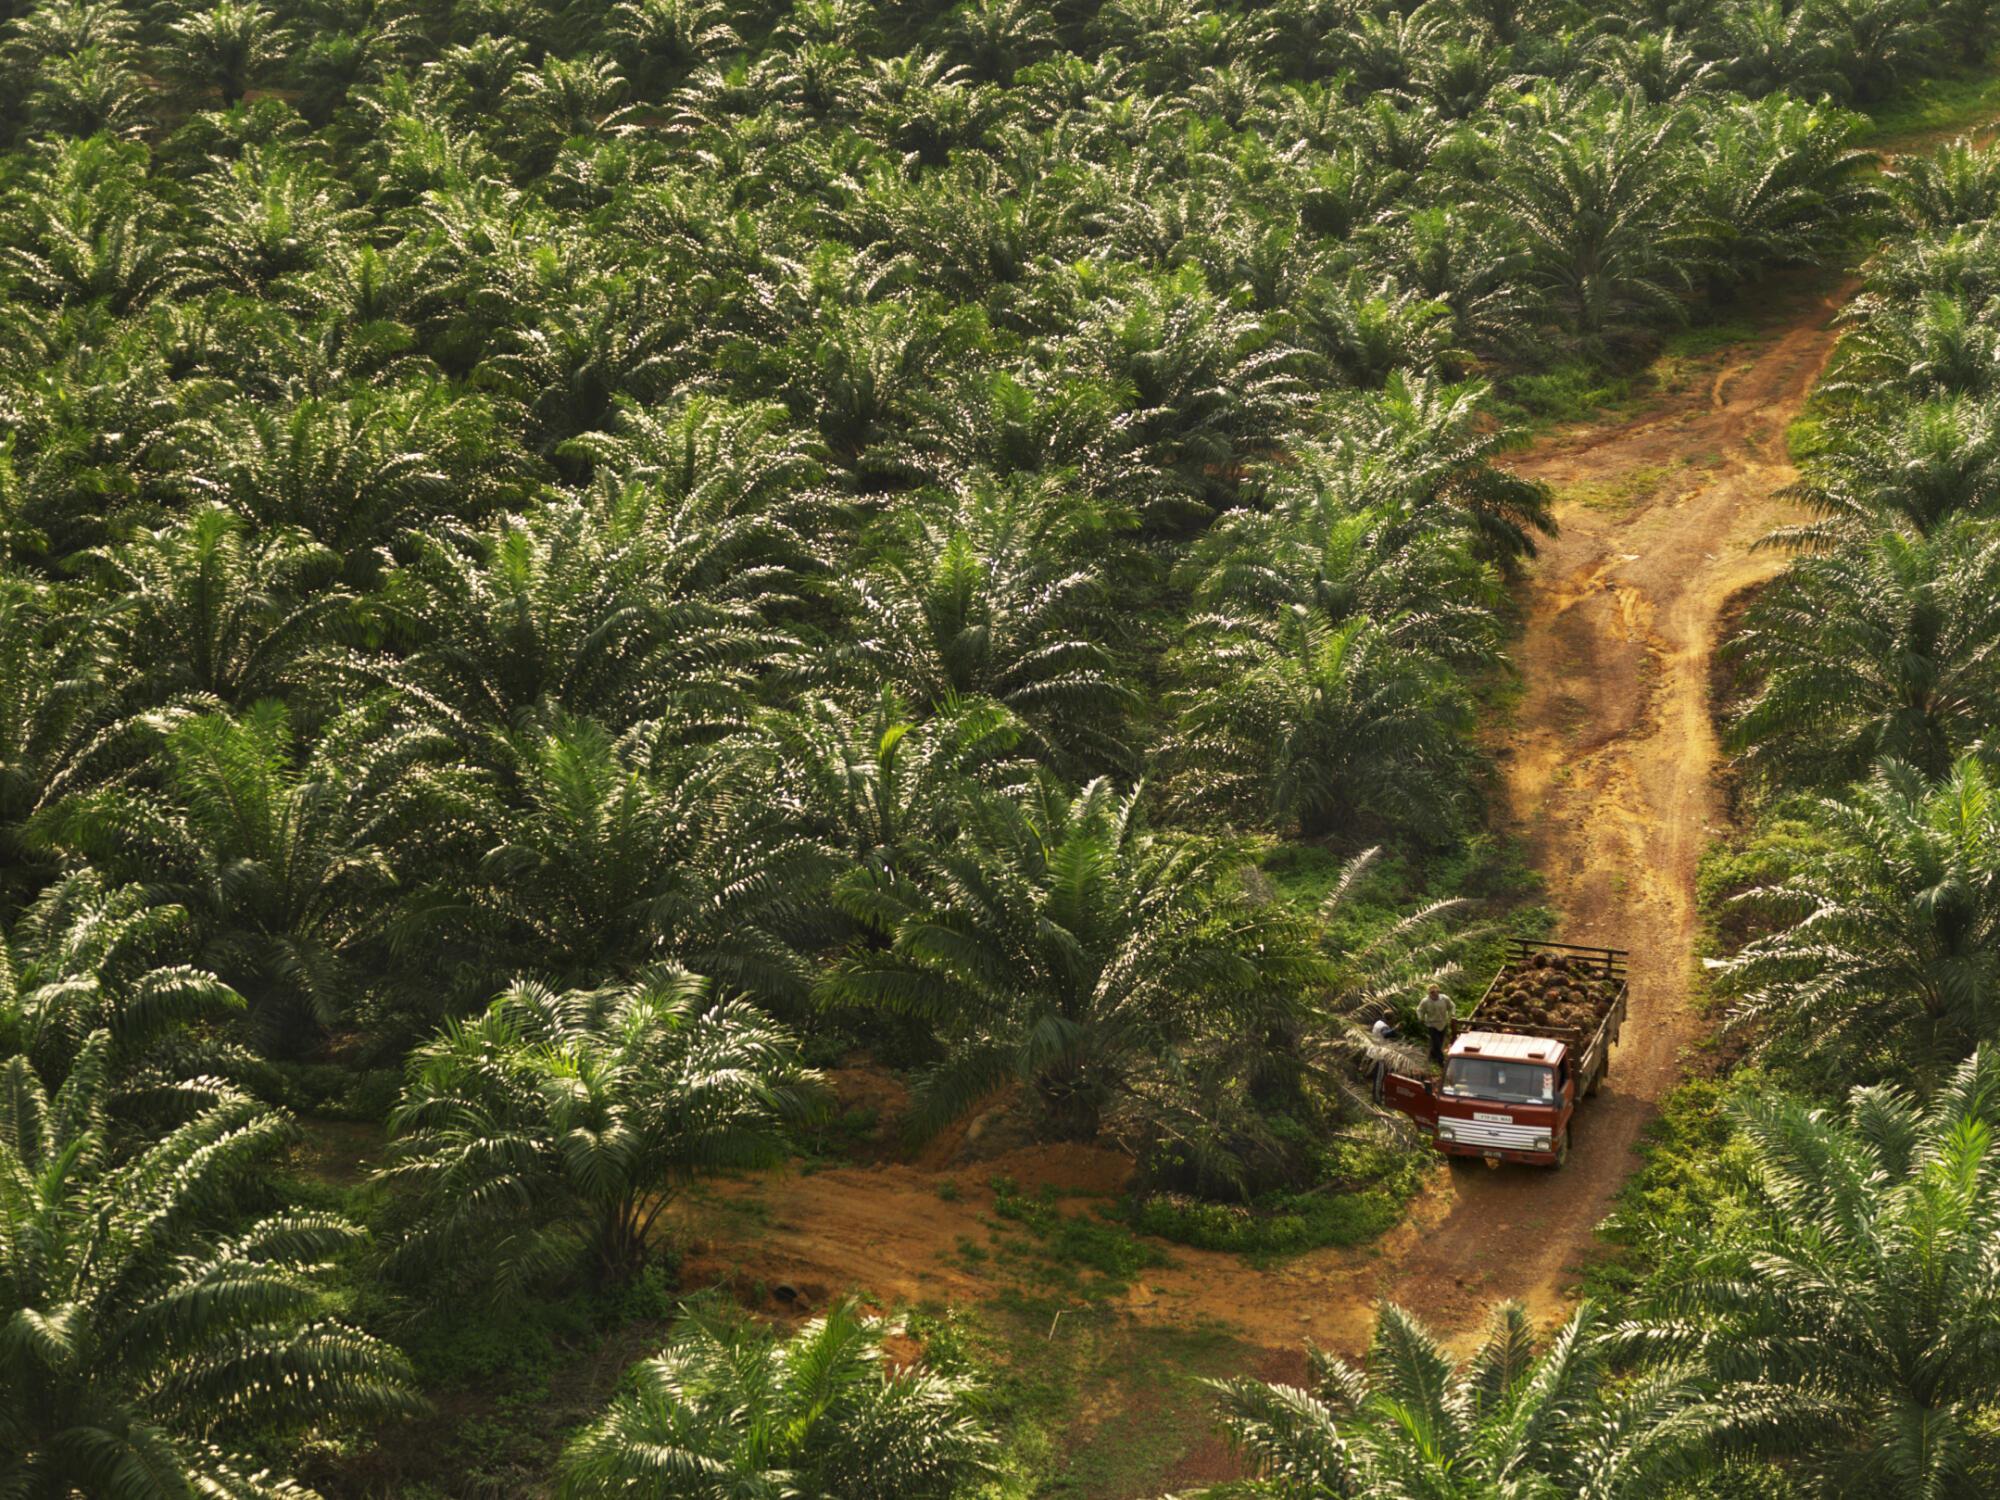 Une plantation de palmier à huile à Johor, en Malaisie.